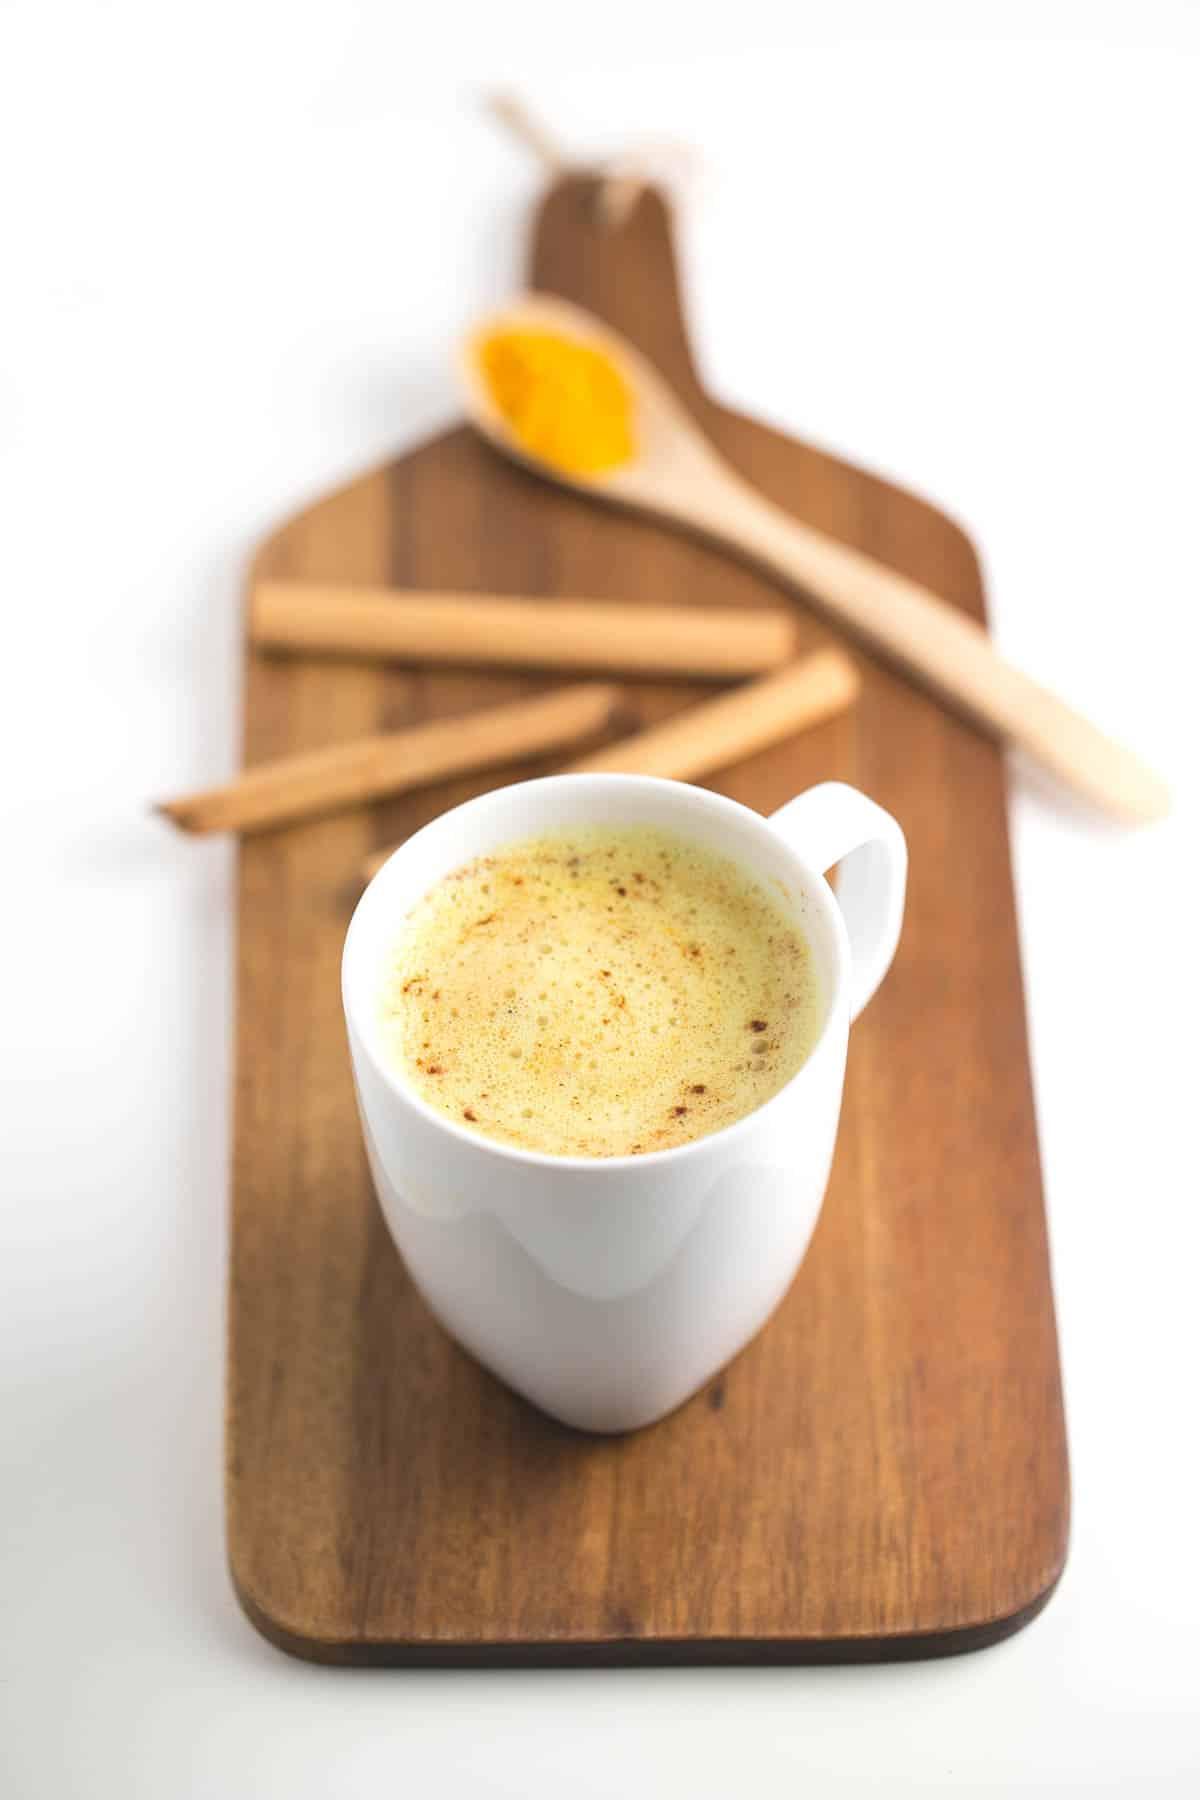 Cúrcuma latte - El cúrcuma latte es un sustituto perfecto al café. Es una bebida muy saludable, asequible, cremosa y está muy rica, ¡lo tiene todo!